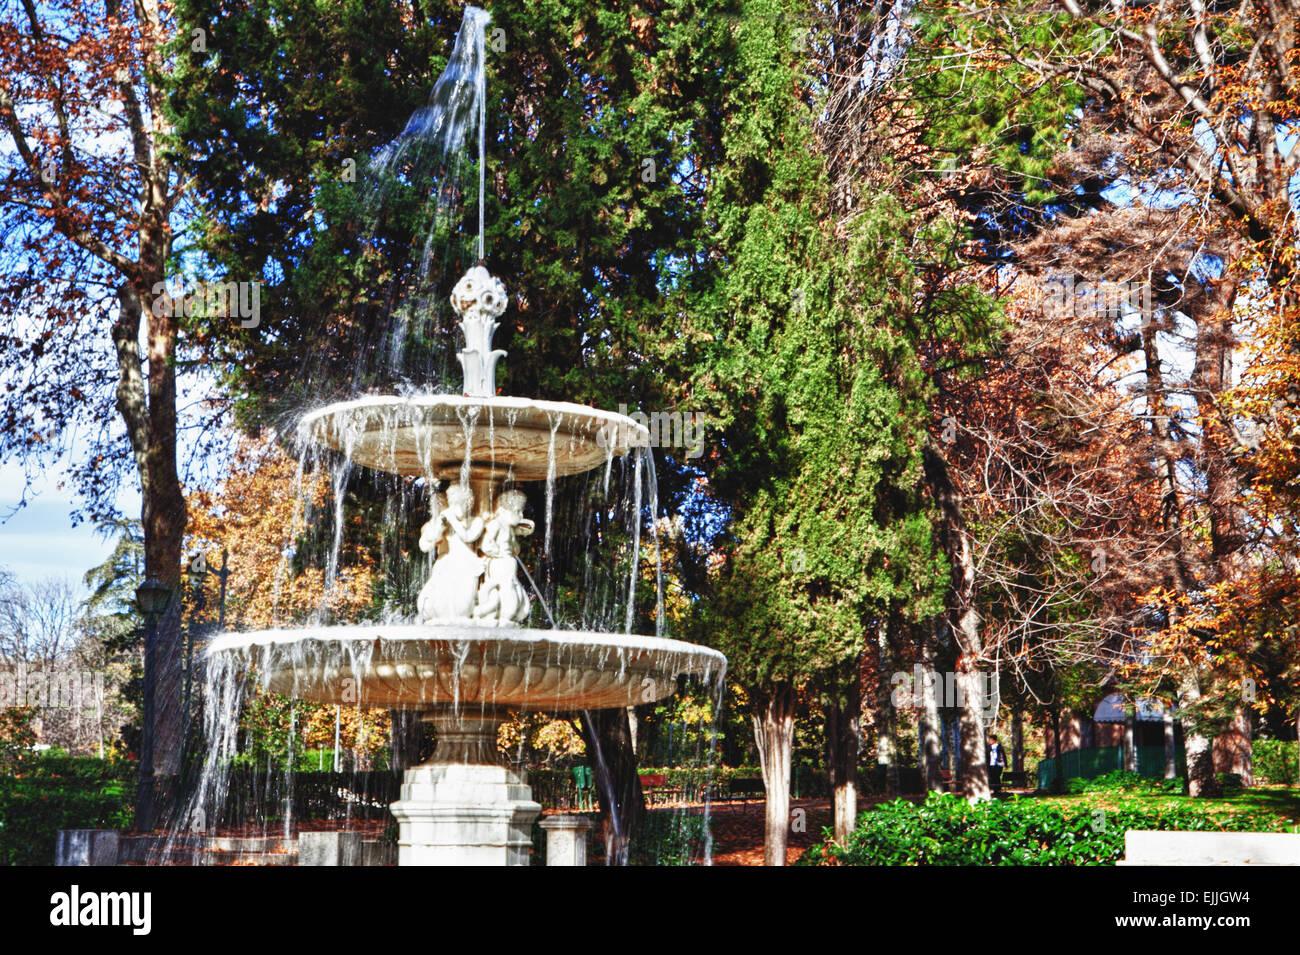 Fuente llena de gotas en el parque del retiro de Madrid, España. temporada de otoño Imagen De Stock